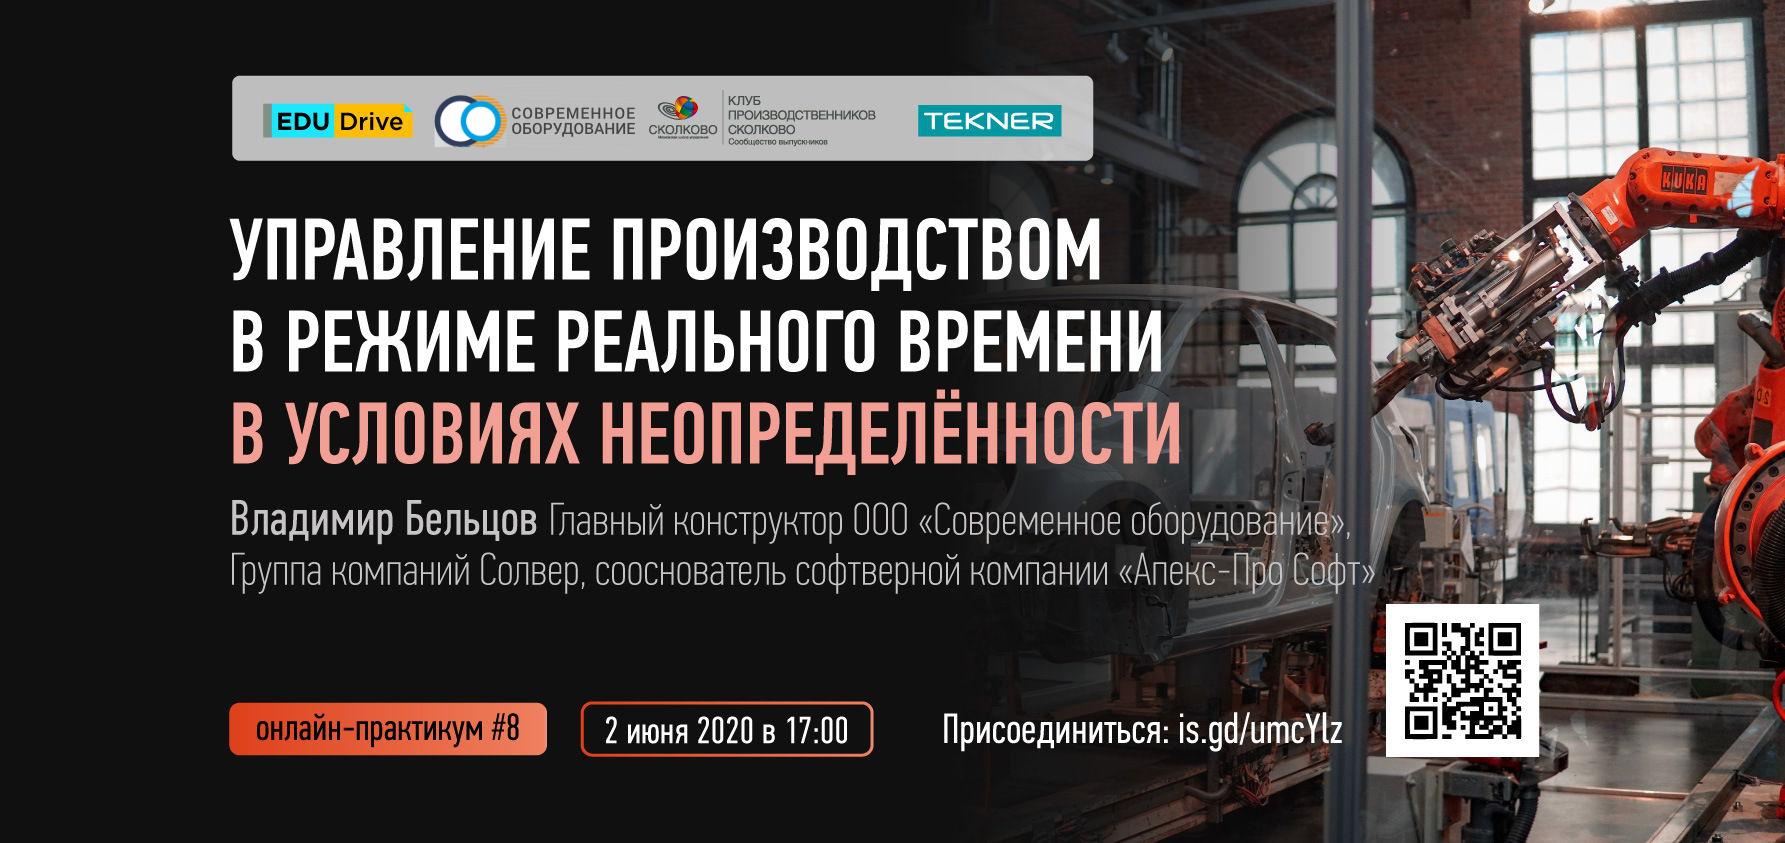 Онлайн-практикум «Управление производством»